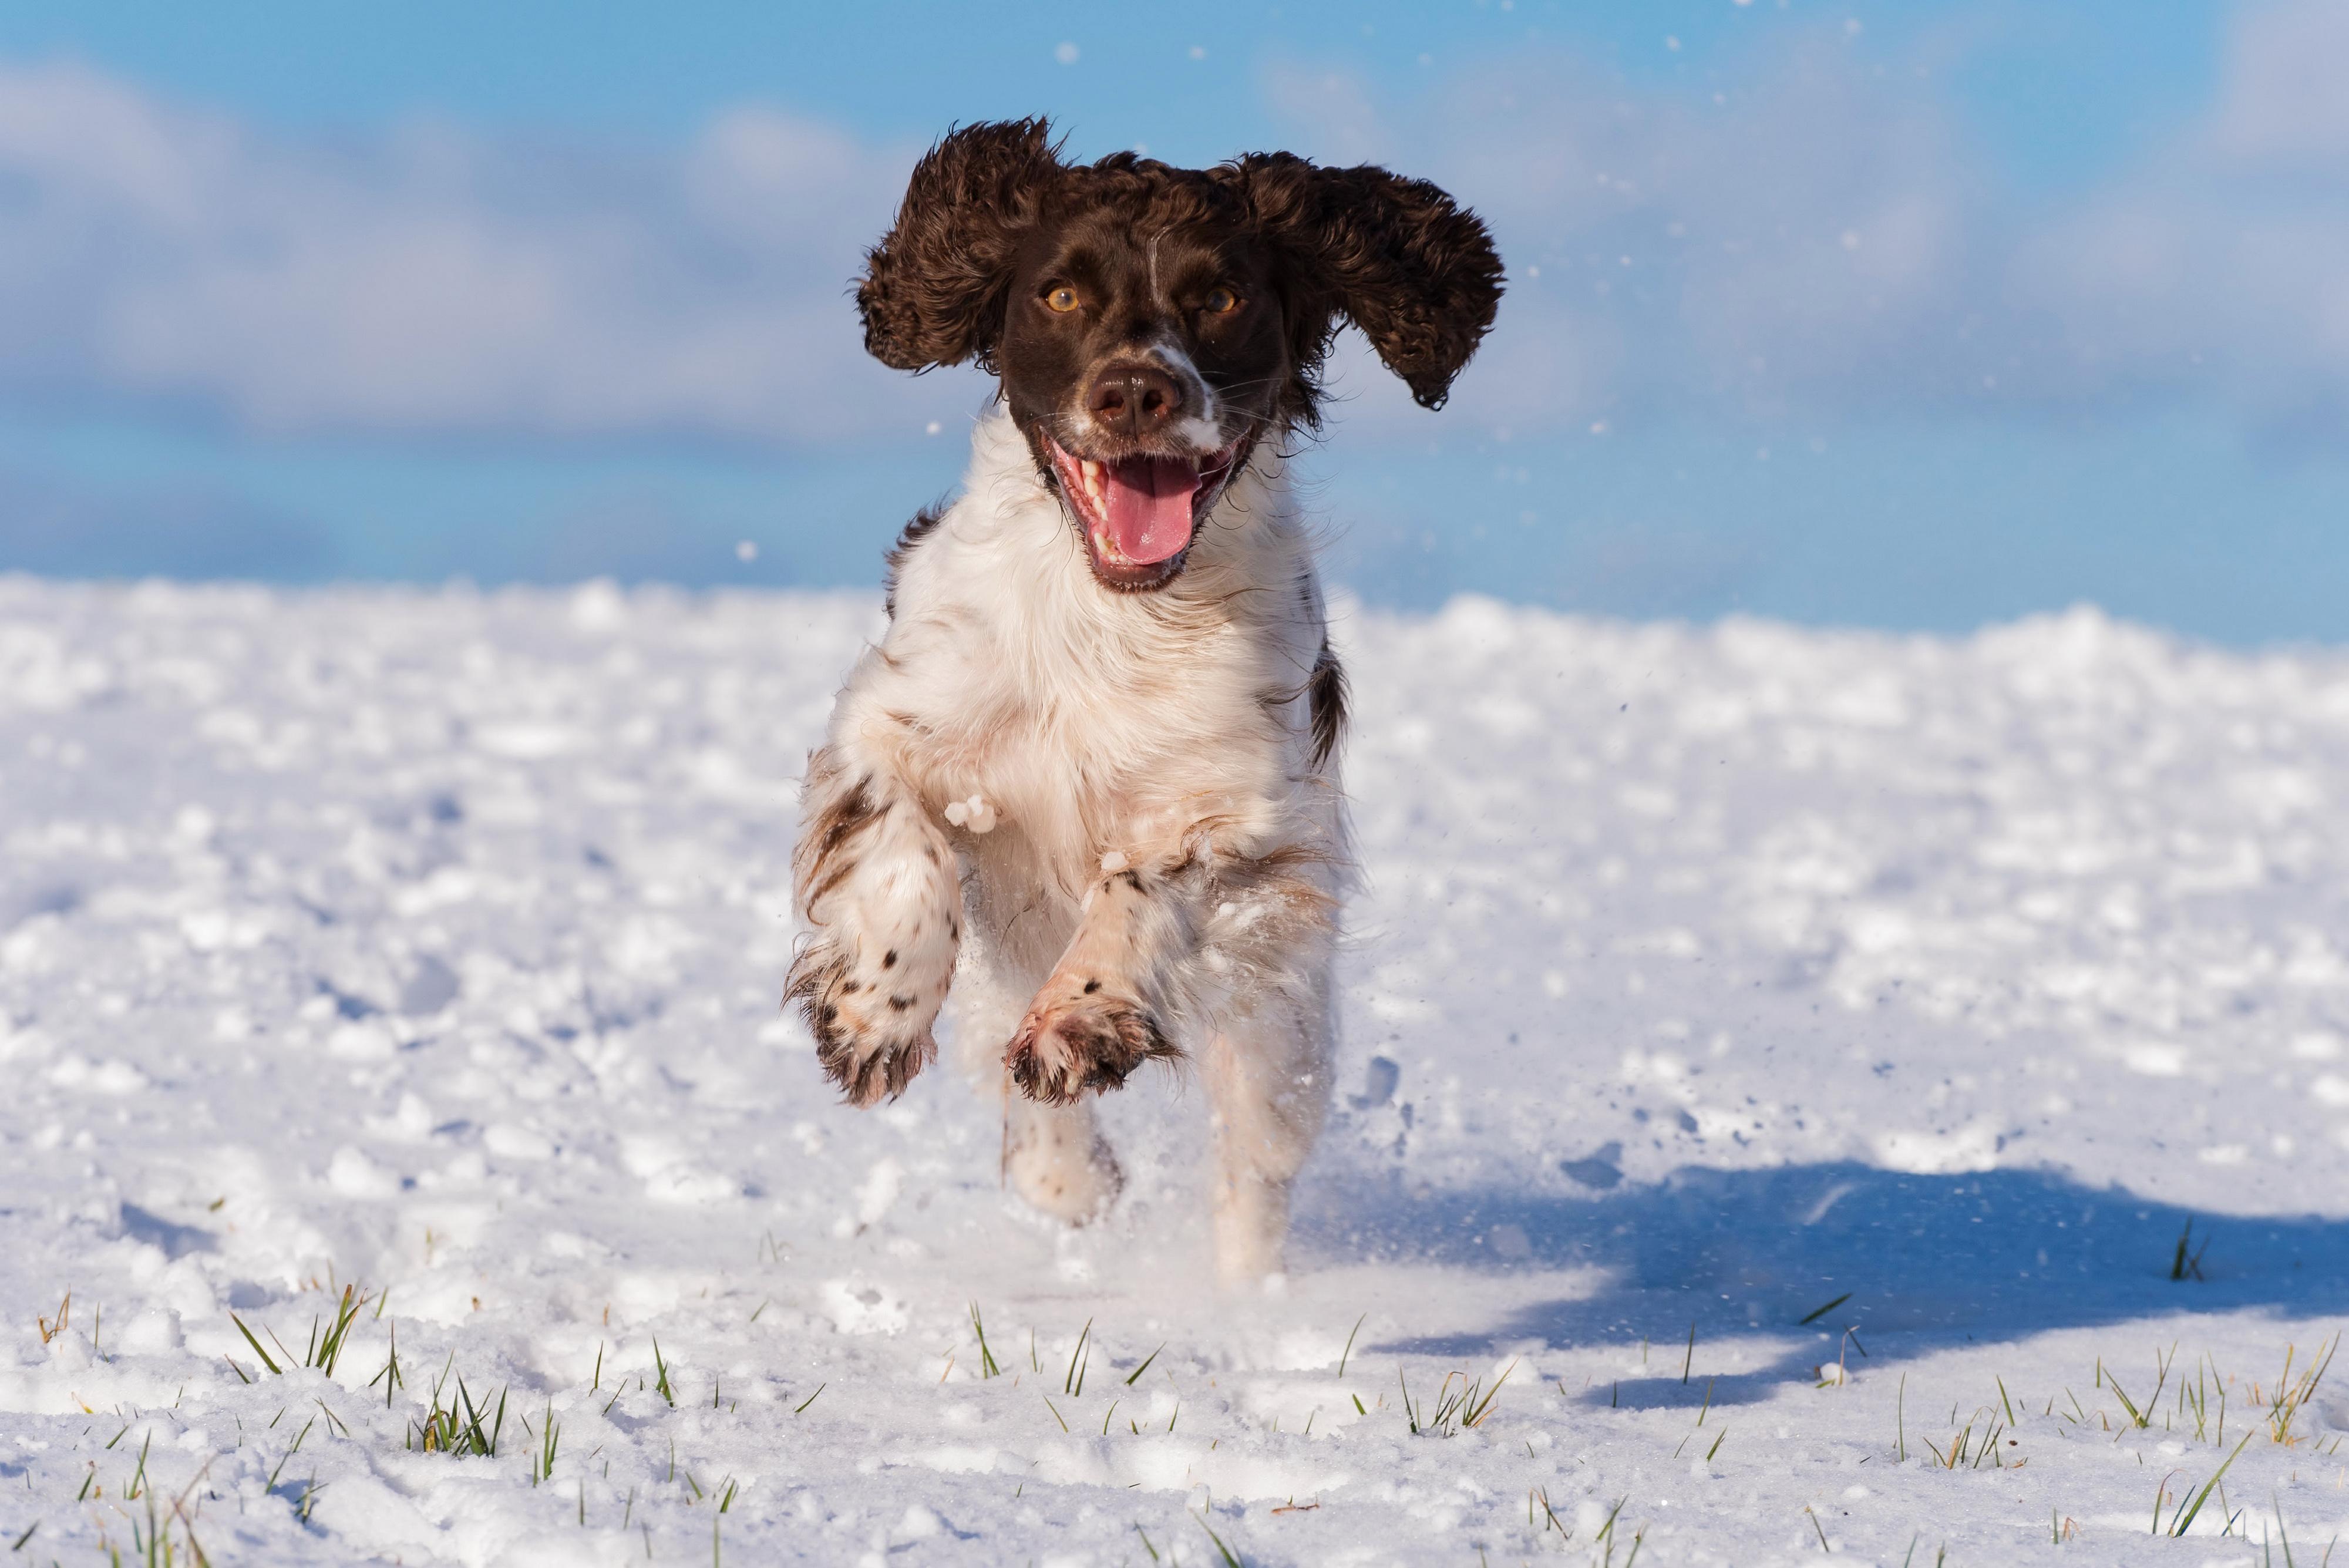 Hintergrundbilder Spaniel Hunde Laufsport cocker spaniel Schnee Tiere Lauf Laufen